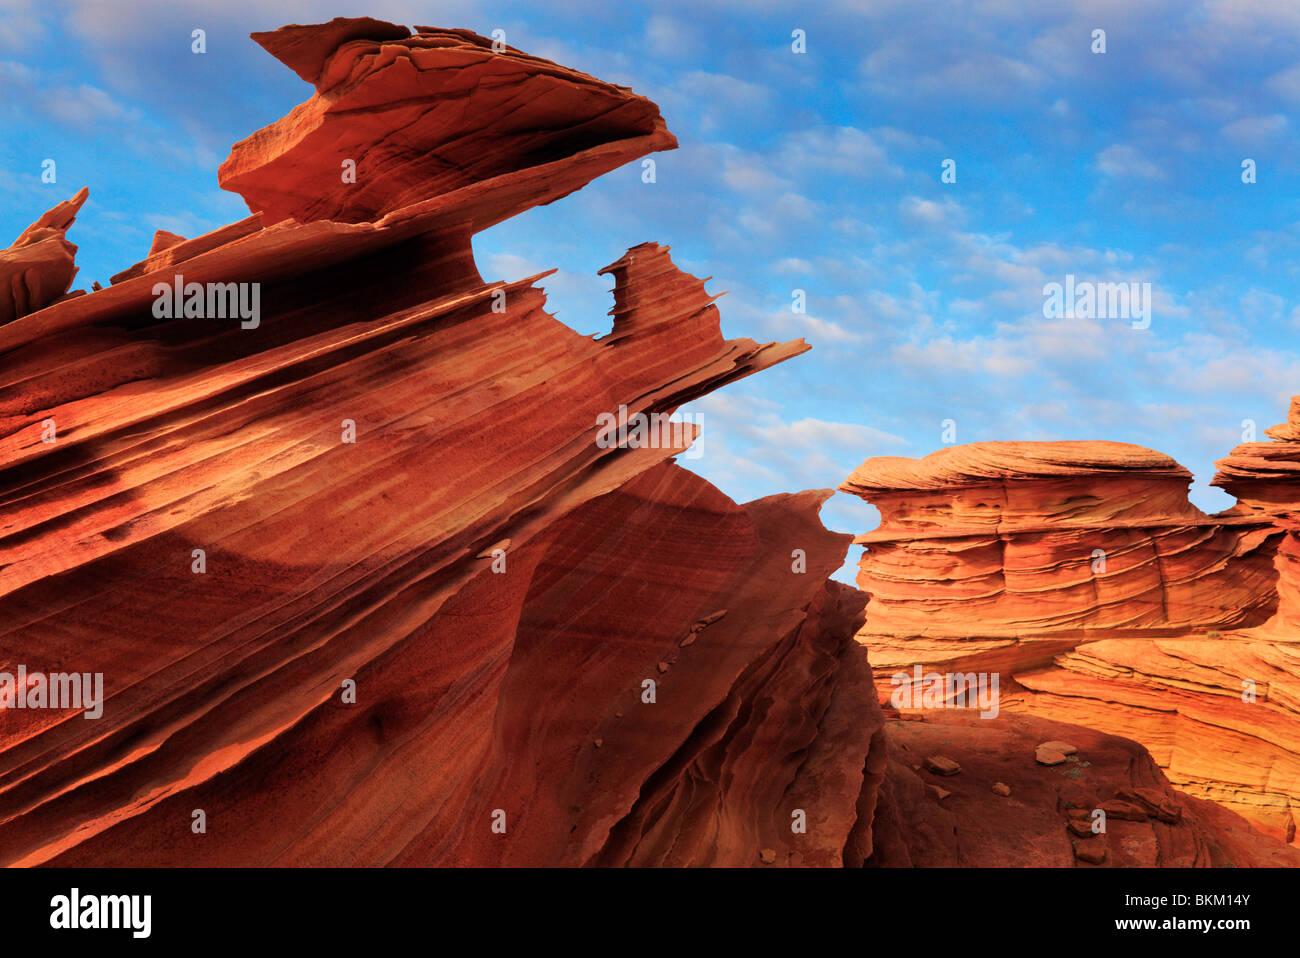 Spettacolari formazioni rocciose in Vermiglio scogliere monumento nazionale, Arizona Immagini Stock